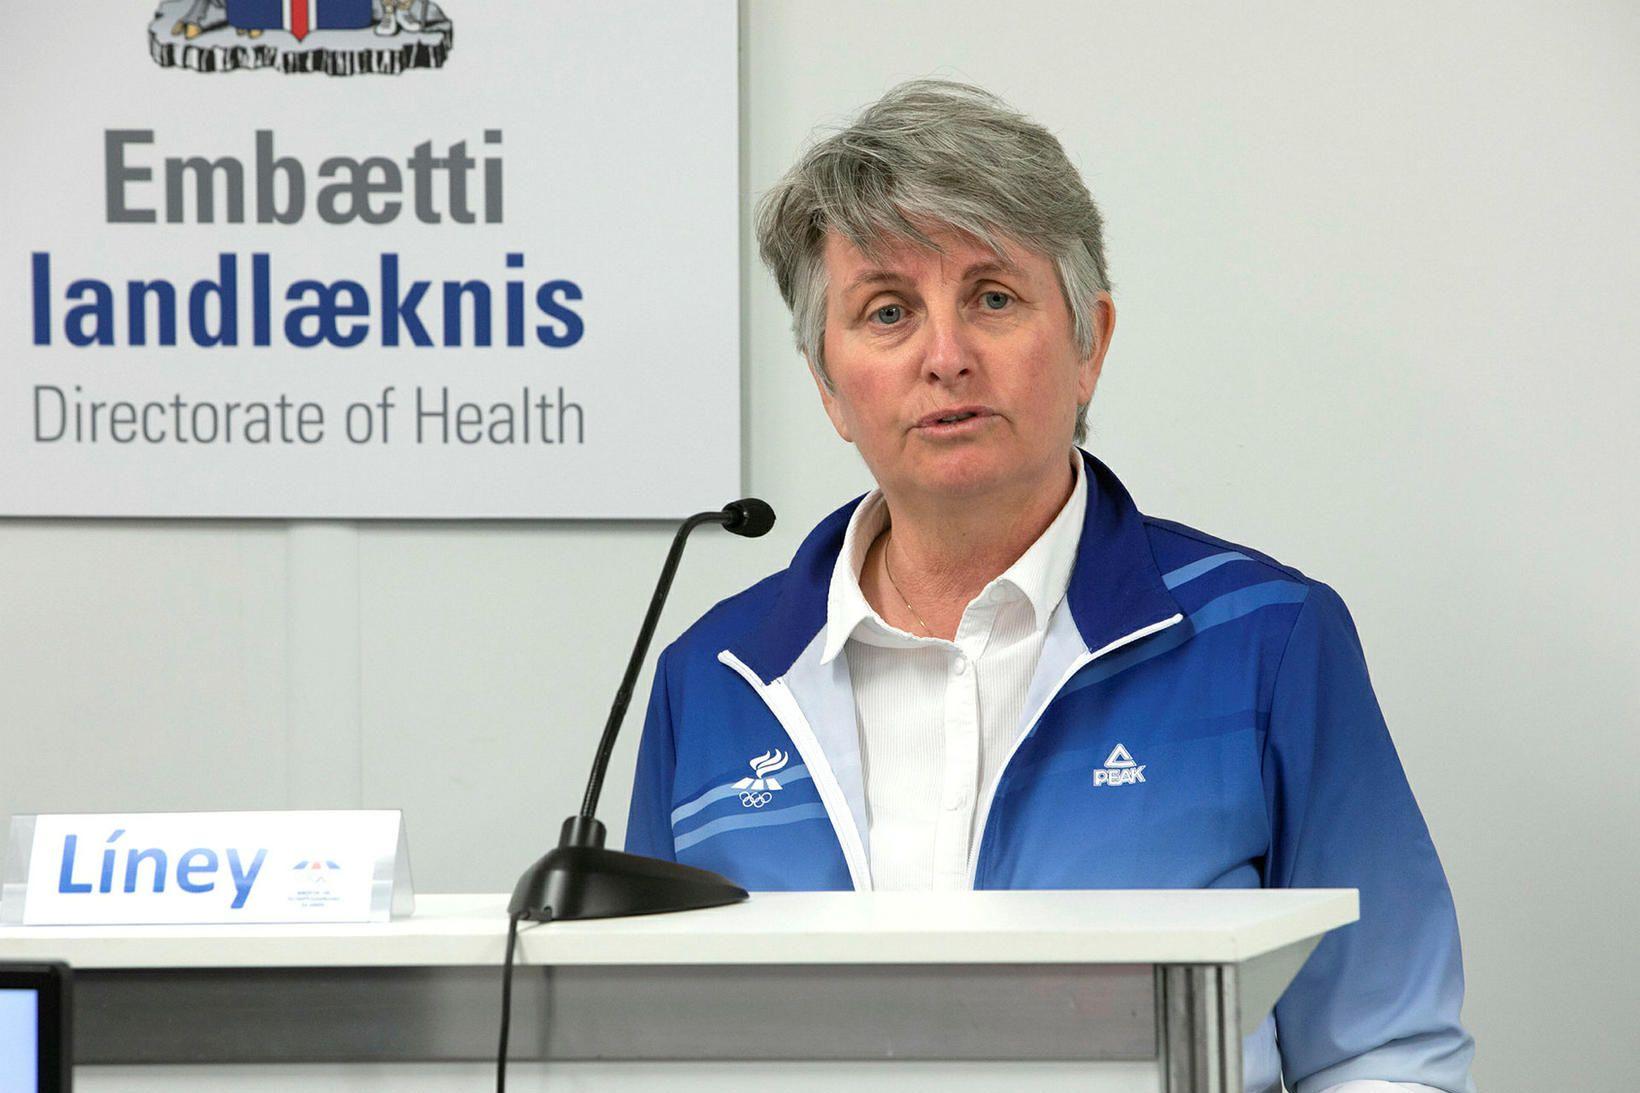 Líney Rut Halldórsdóttir framkvæmdastjóri ÍSÍ.